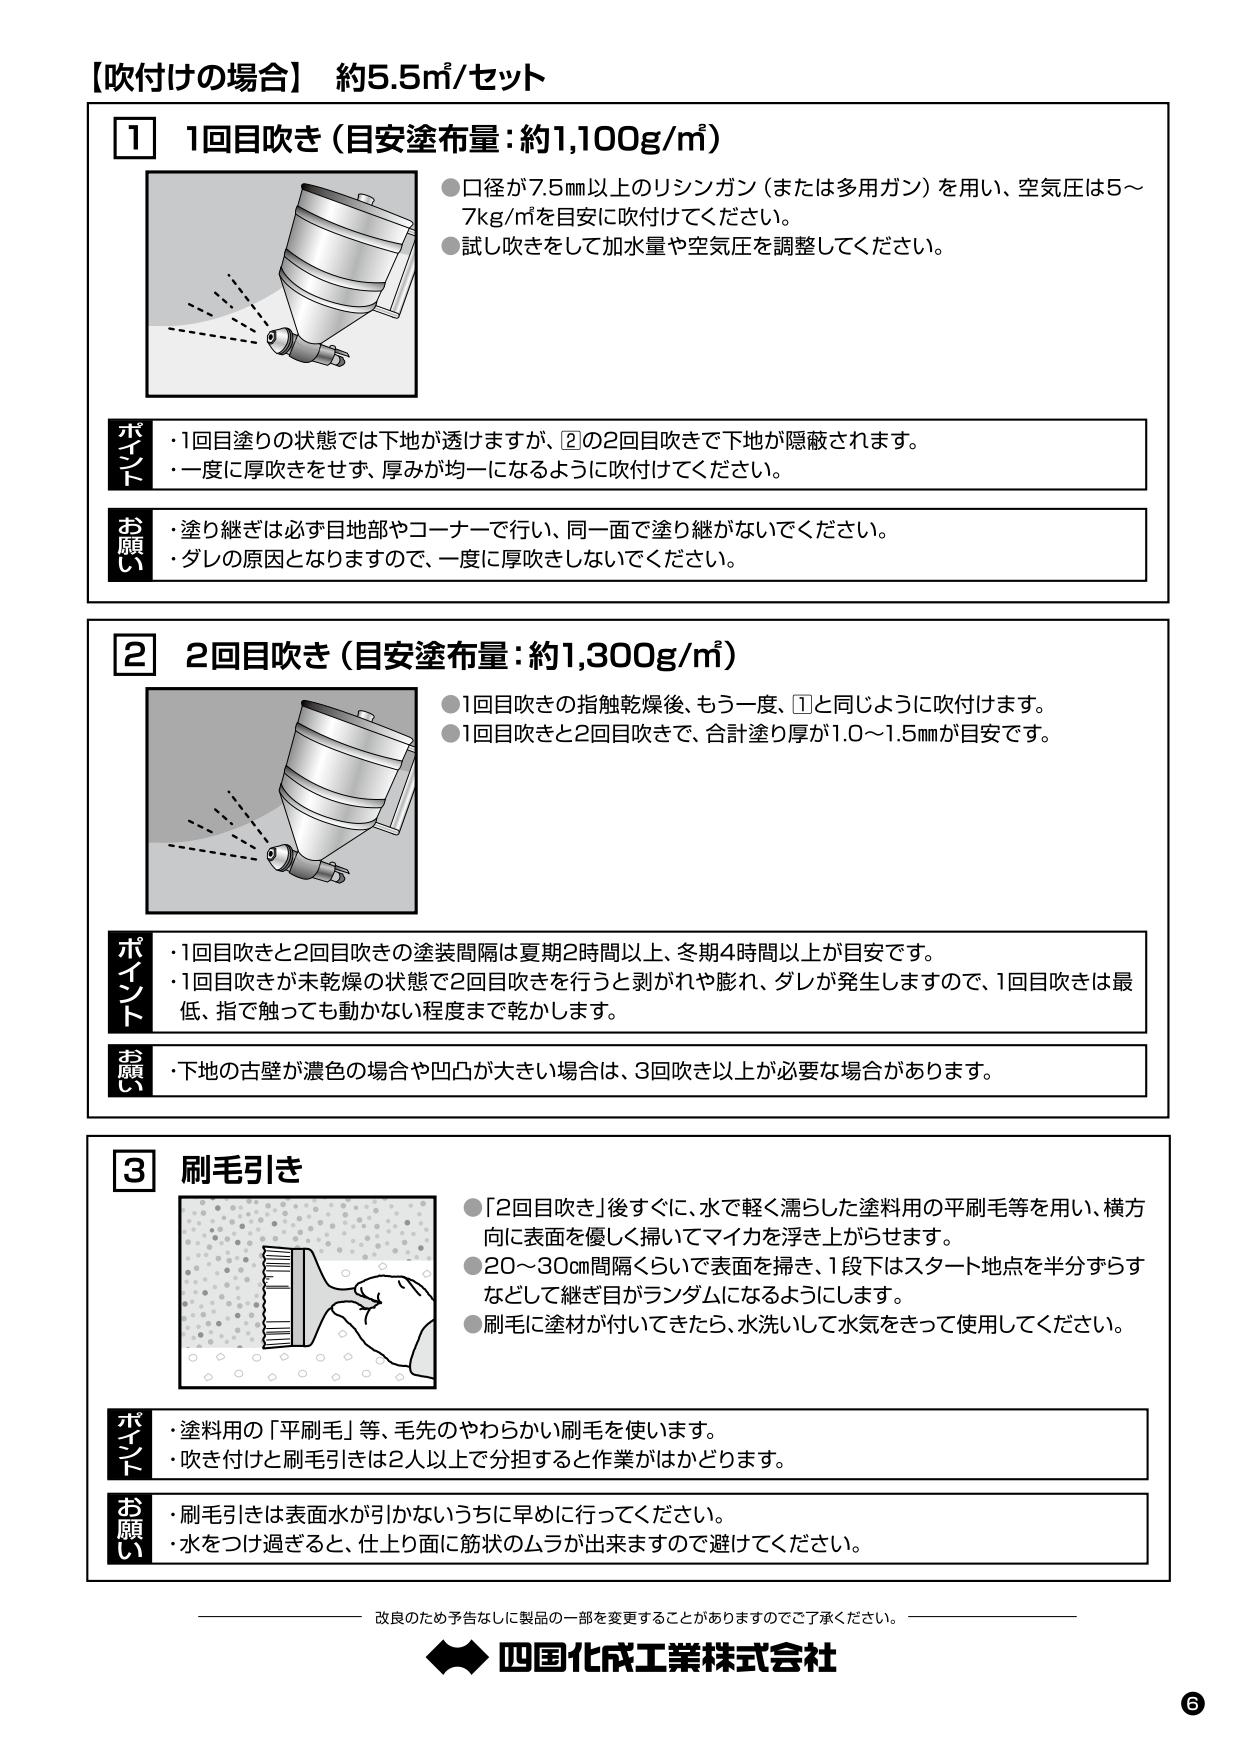 パレットCXローラー塗りタイプ 施工要領書_page-0006